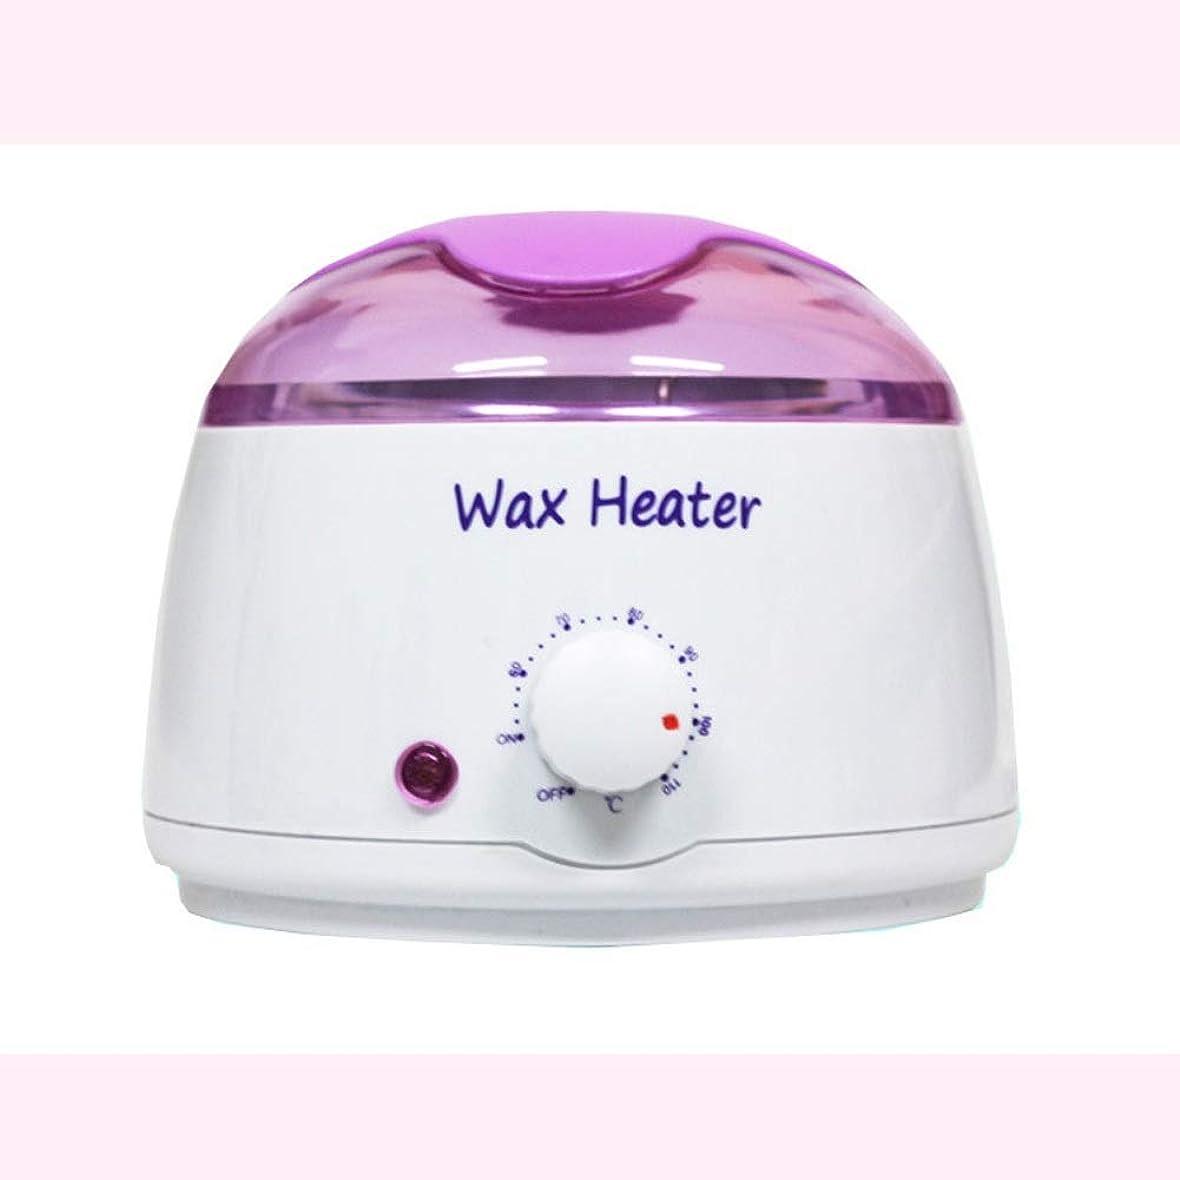 落ち込んでいる第九童謡専門の電気ワックスのウォーマーおよびヒーター、女性/人のための毛の取り外しの家のワックスのためのワックスのメルターは小型多機能のワックス機械を熱します